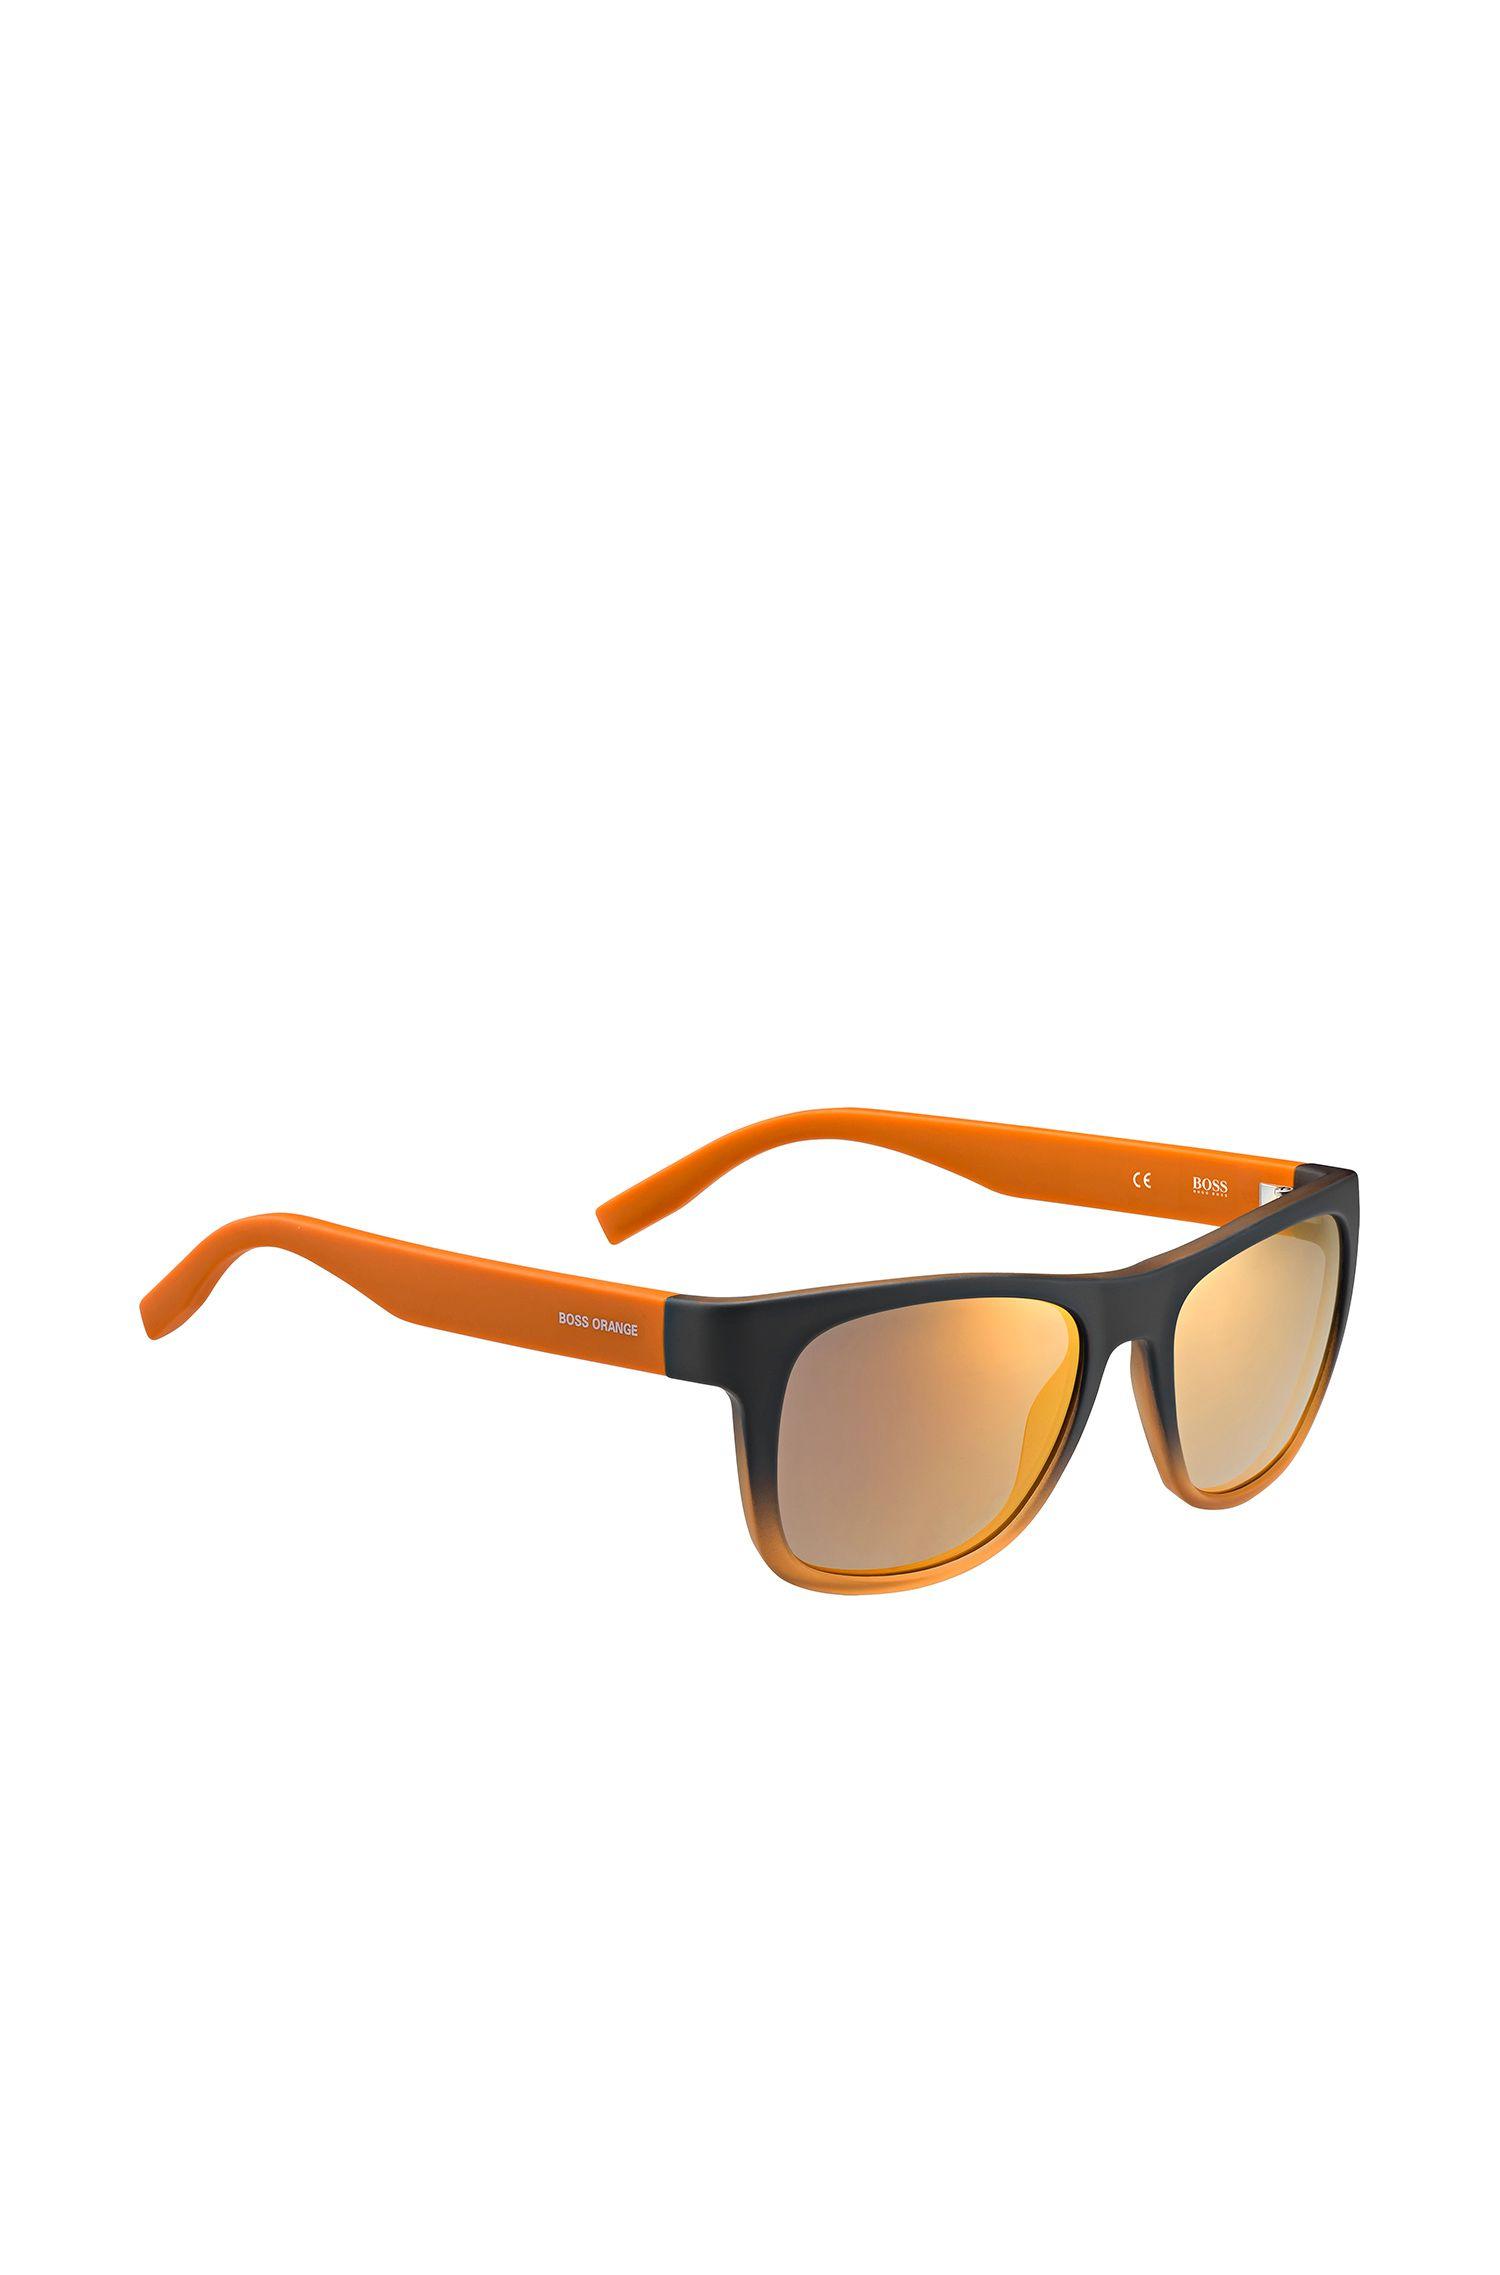 Sonnenbrille in Orange und Grau mit Fünf-Nieten-Scharnier: 'BO 0249/S'